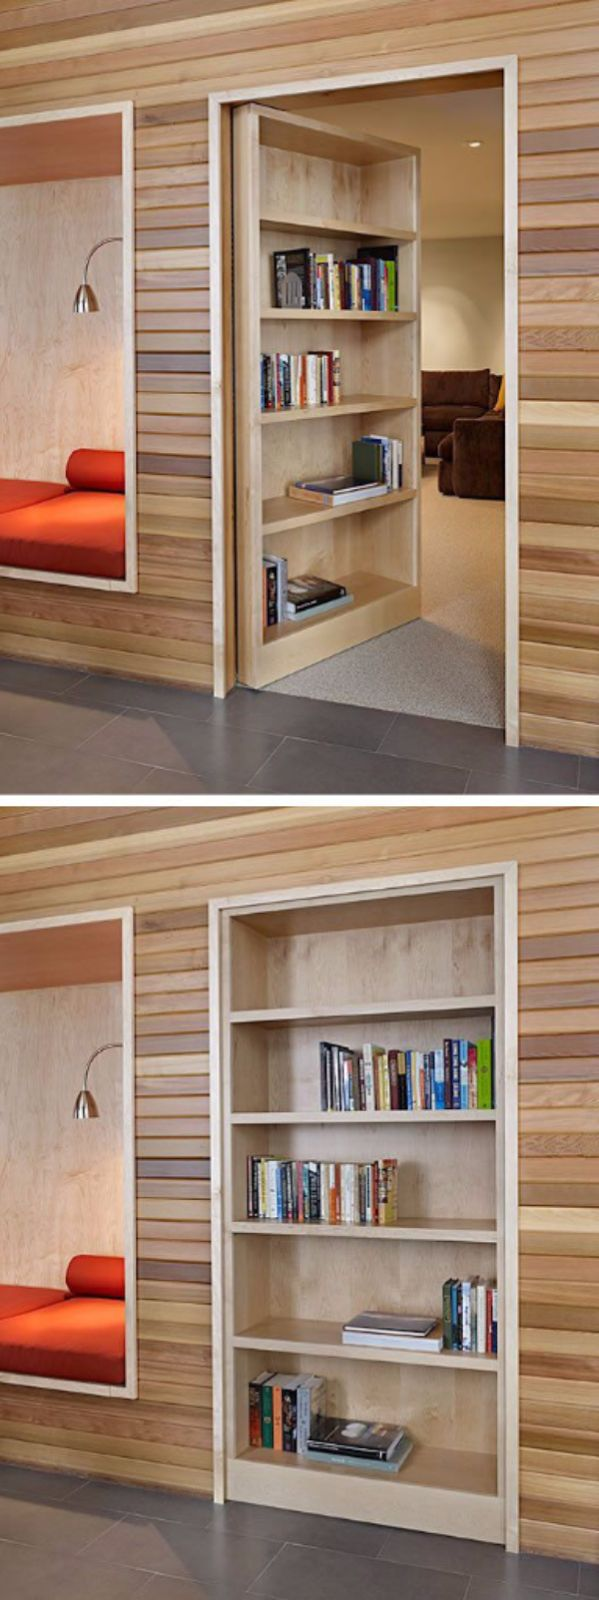 die besten 25 keller organisieren ideen auf pinterest. Black Bedroom Furniture Sets. Home Design Ideas